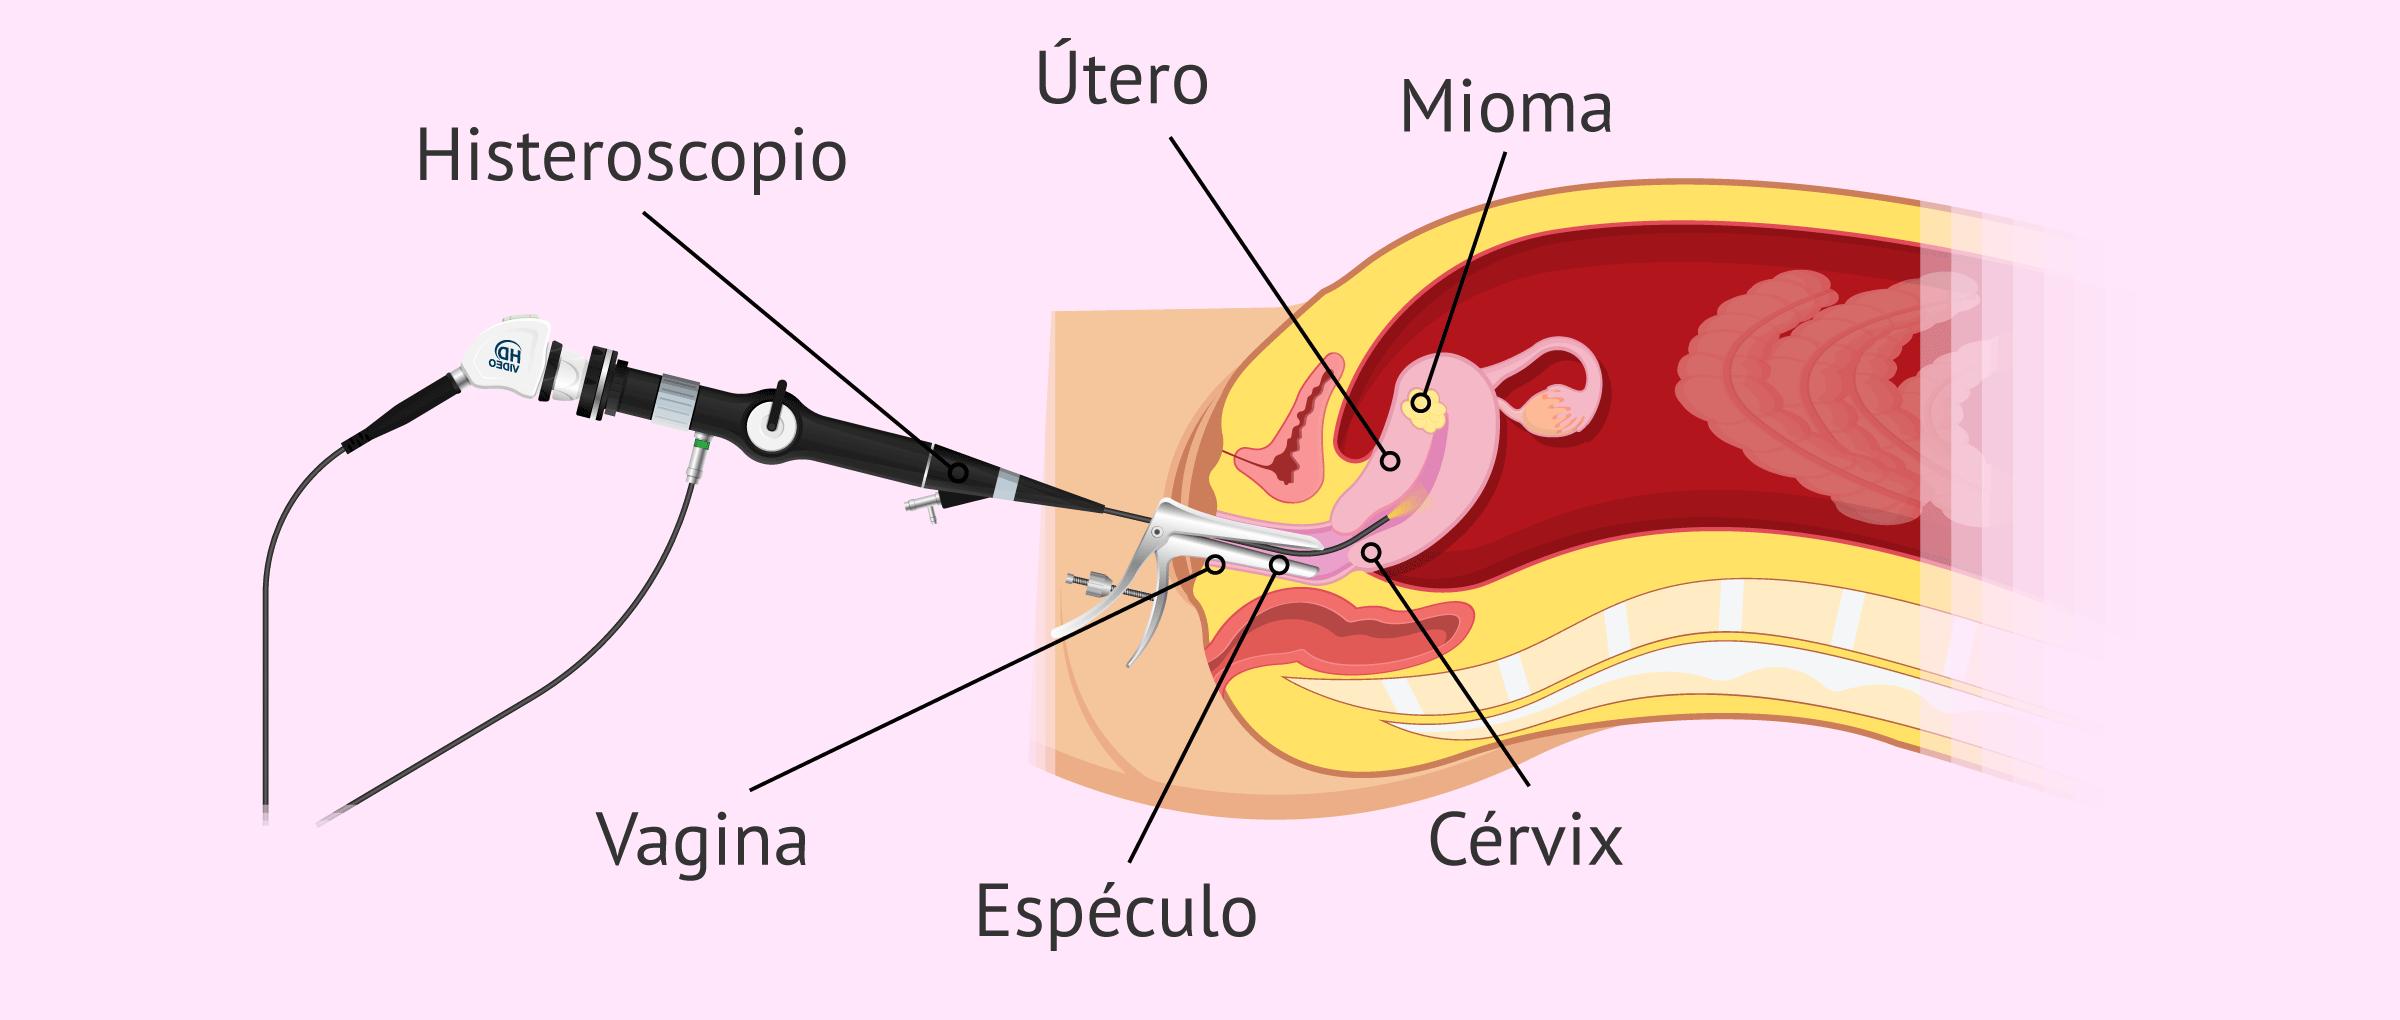 Endoscopia en ginecología: histeroscopia y laparoscopia